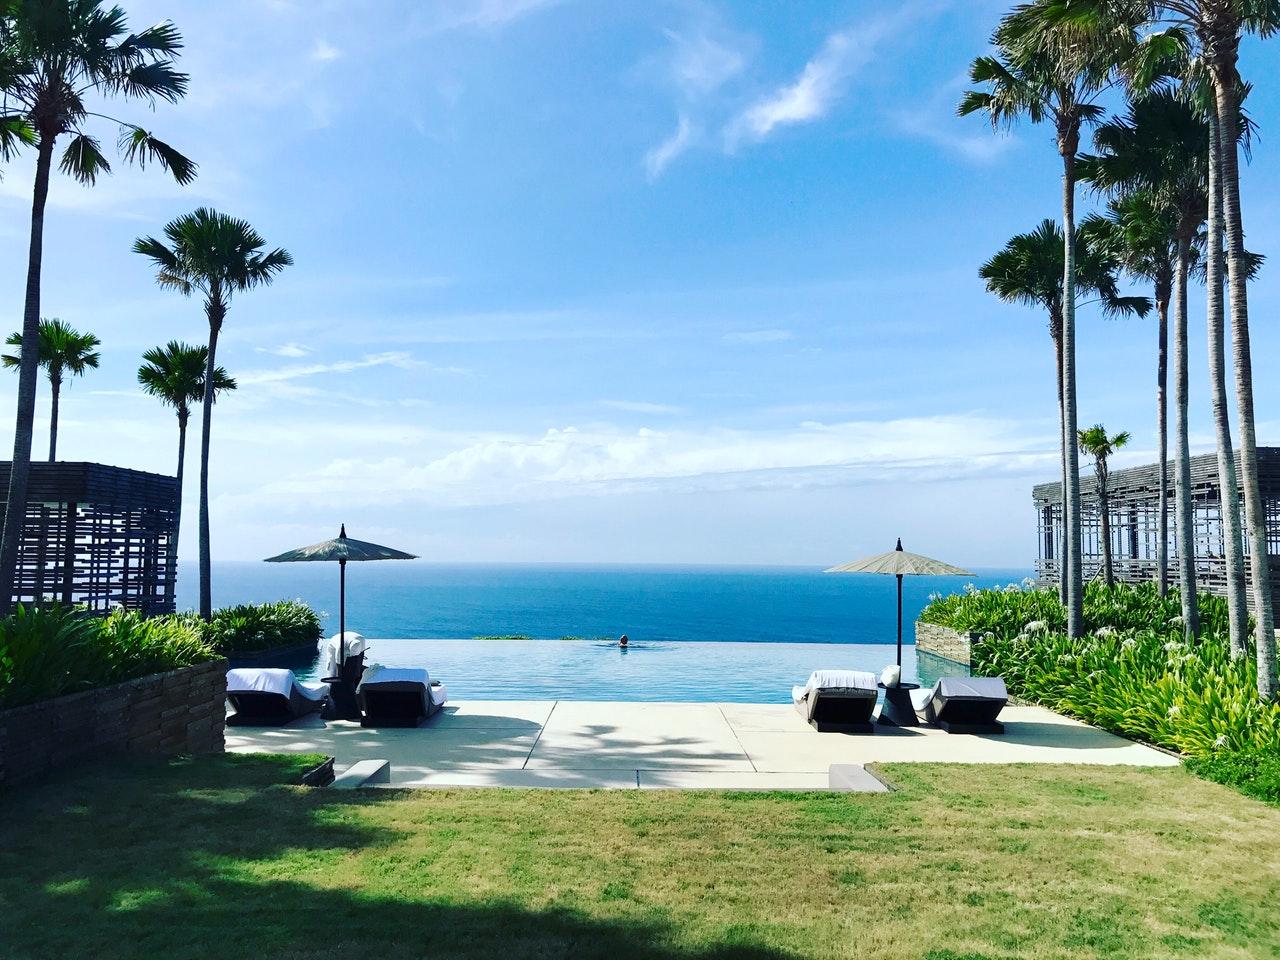 a Miami beach